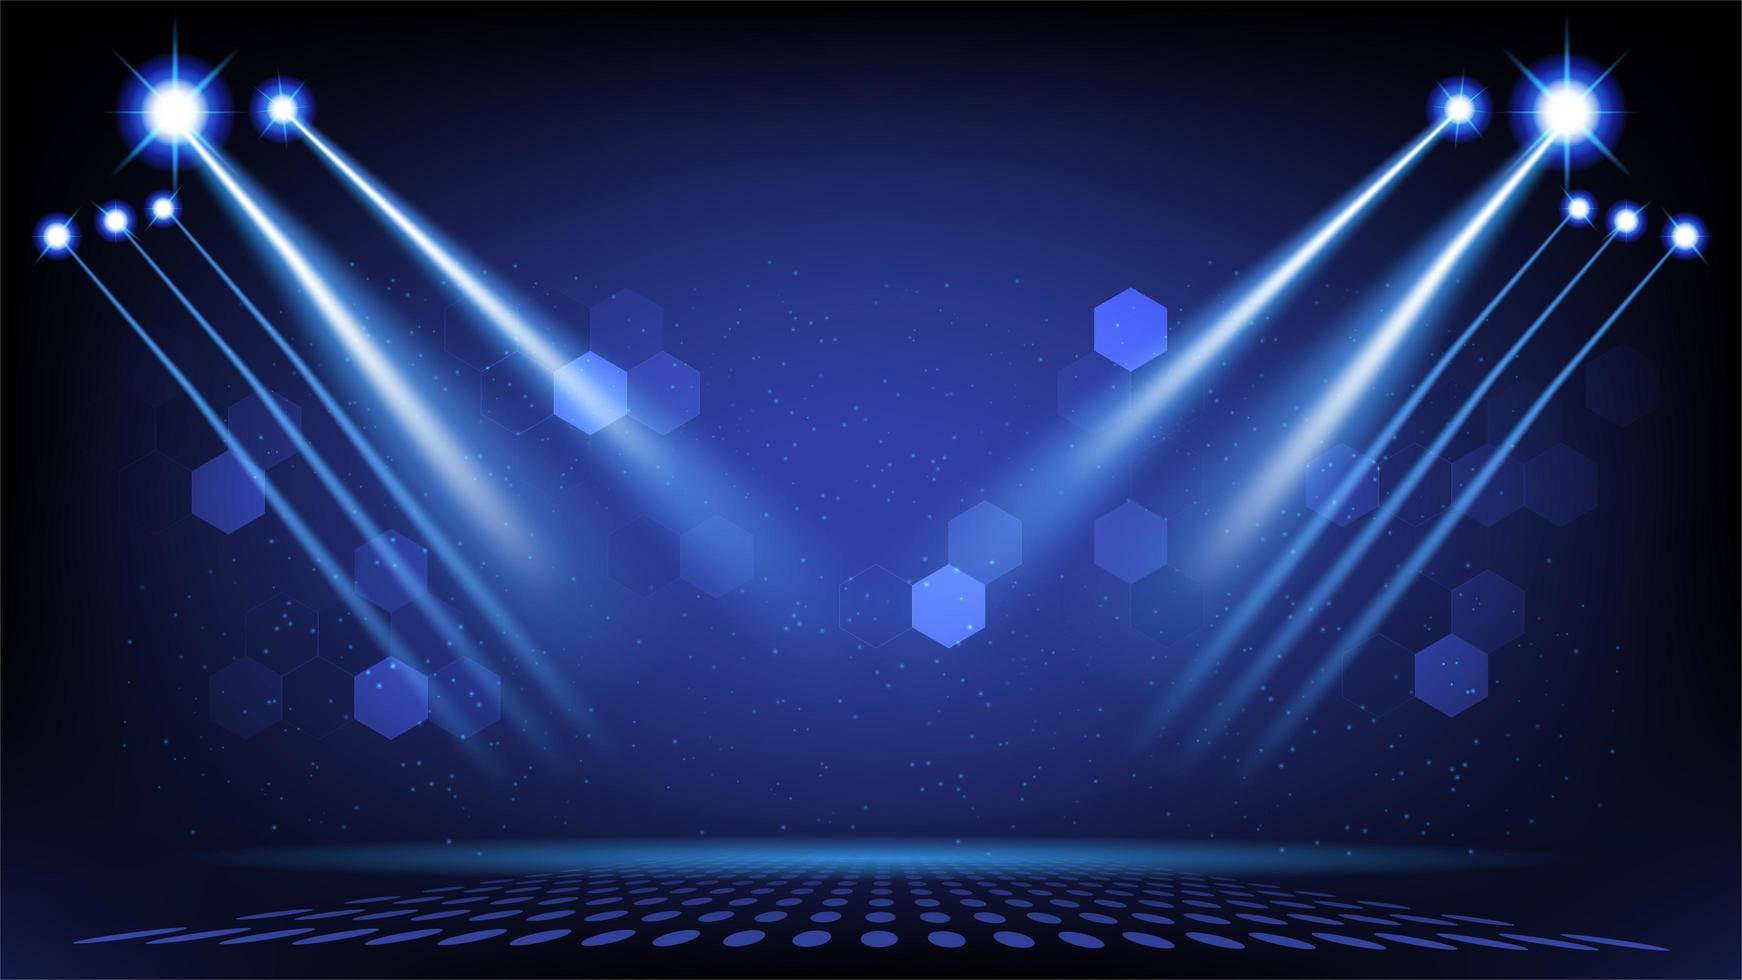 abstrakt scen med sceniska ljus vektor